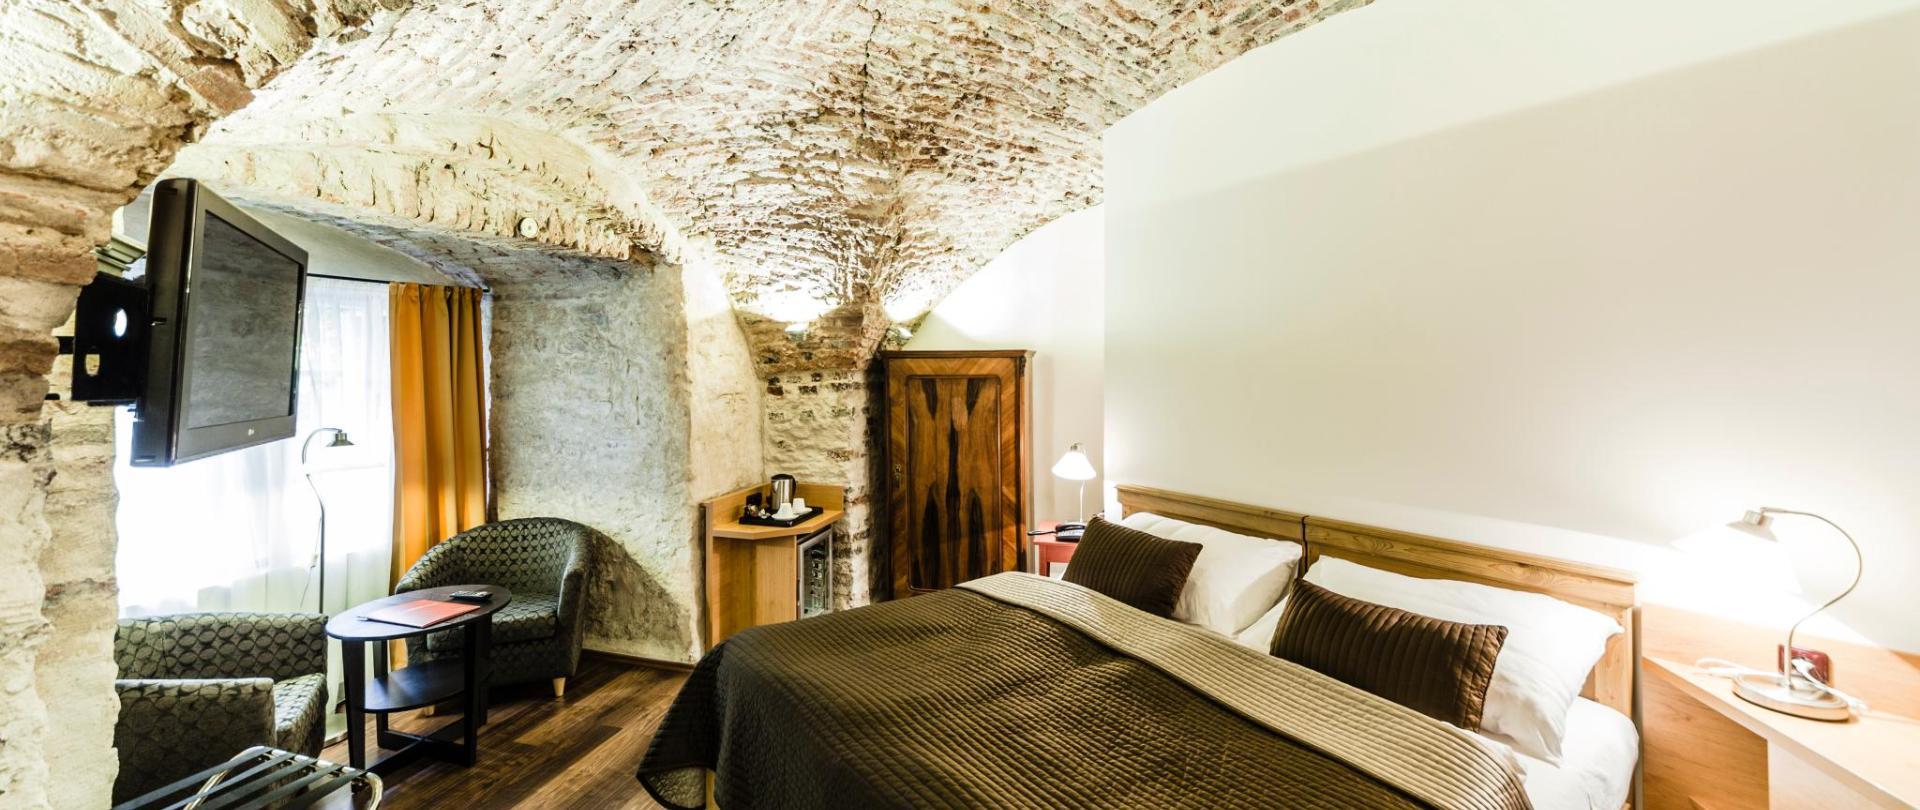 Dvoulůžkový pokoj_kamenný strop.jpg